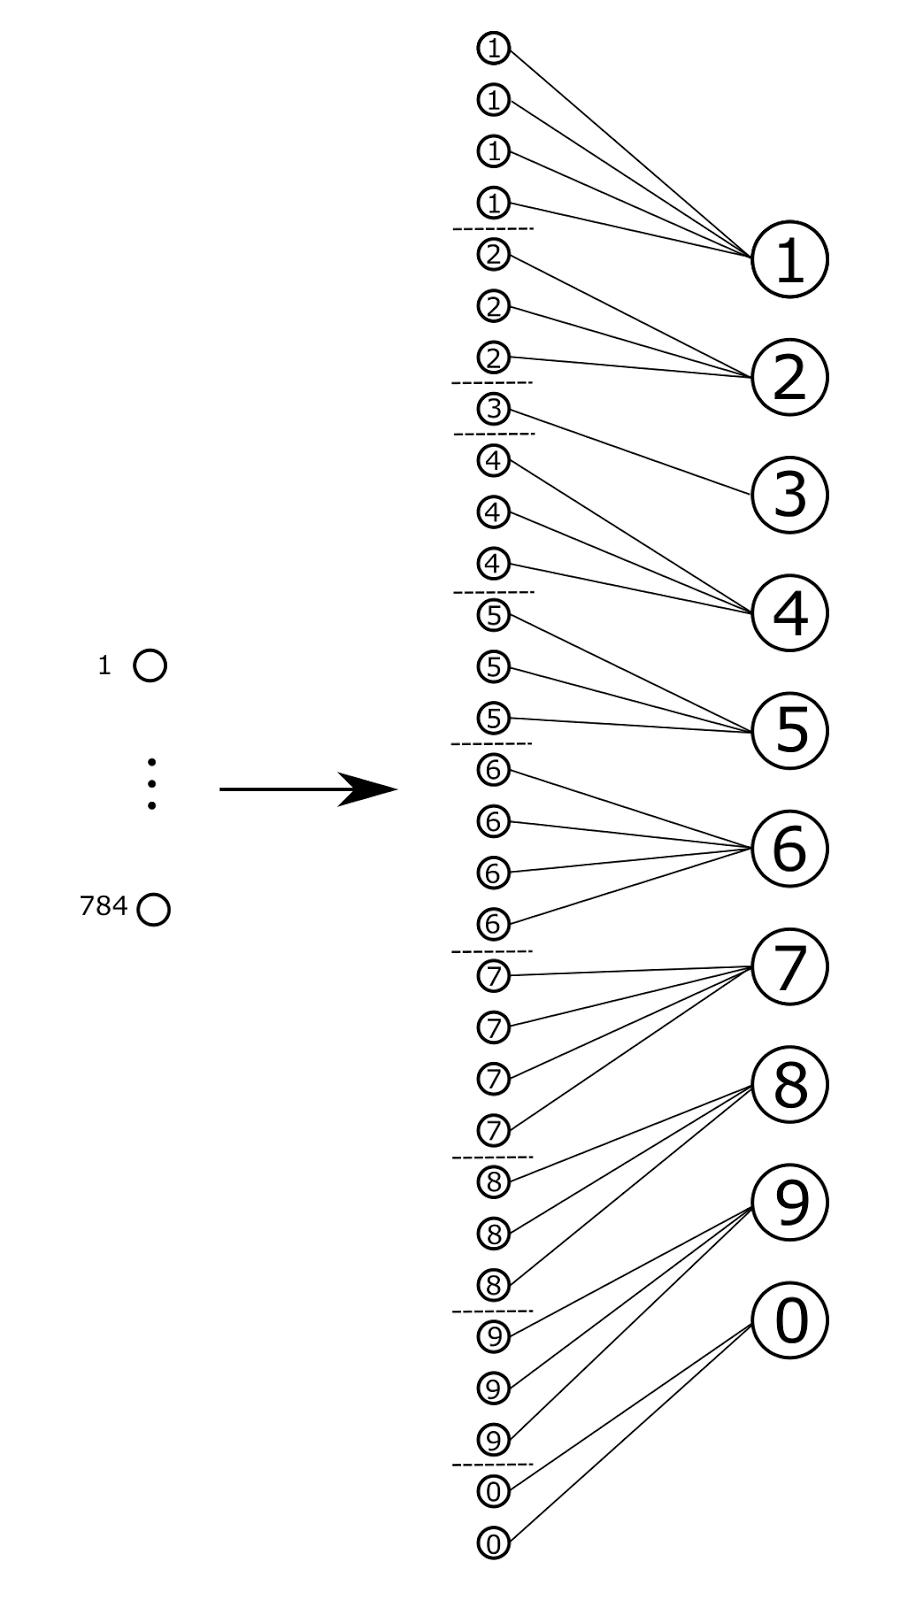 Логика сознания. Часть 9. Искусственные нейронные сети и миниколонки реальной коры - 14